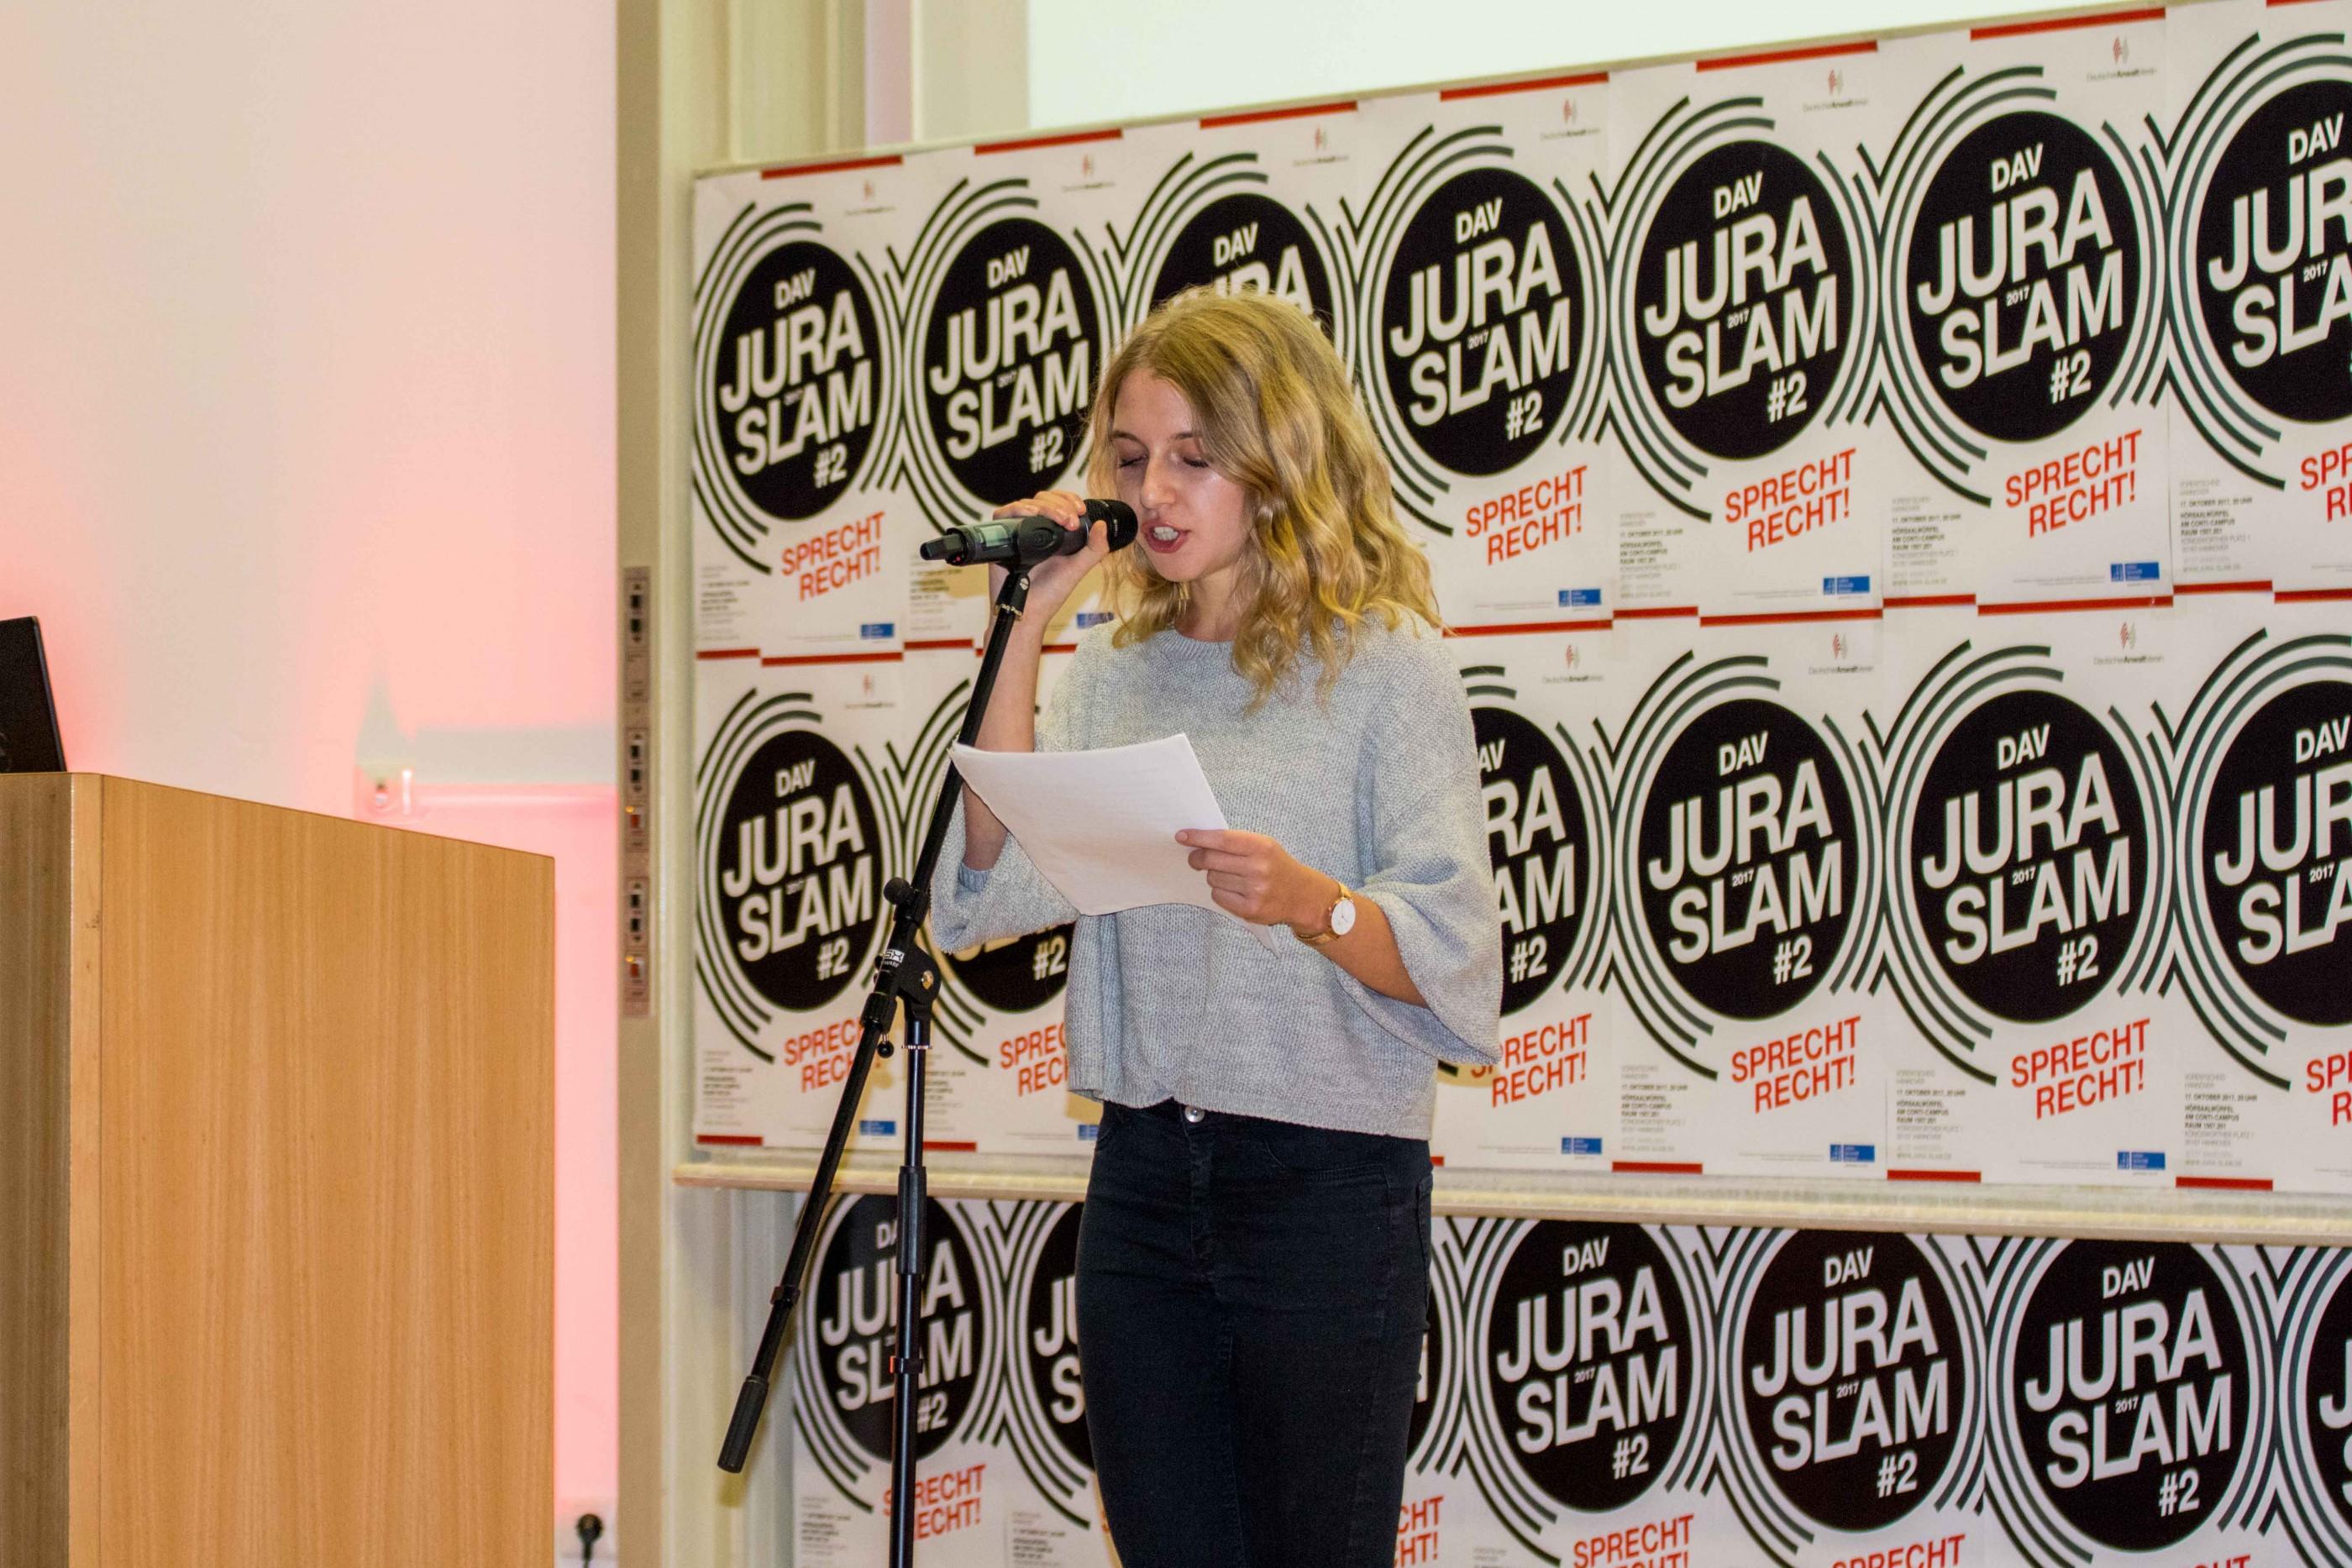 Jura-Slam 2017 - Deutscher Anwaltverein